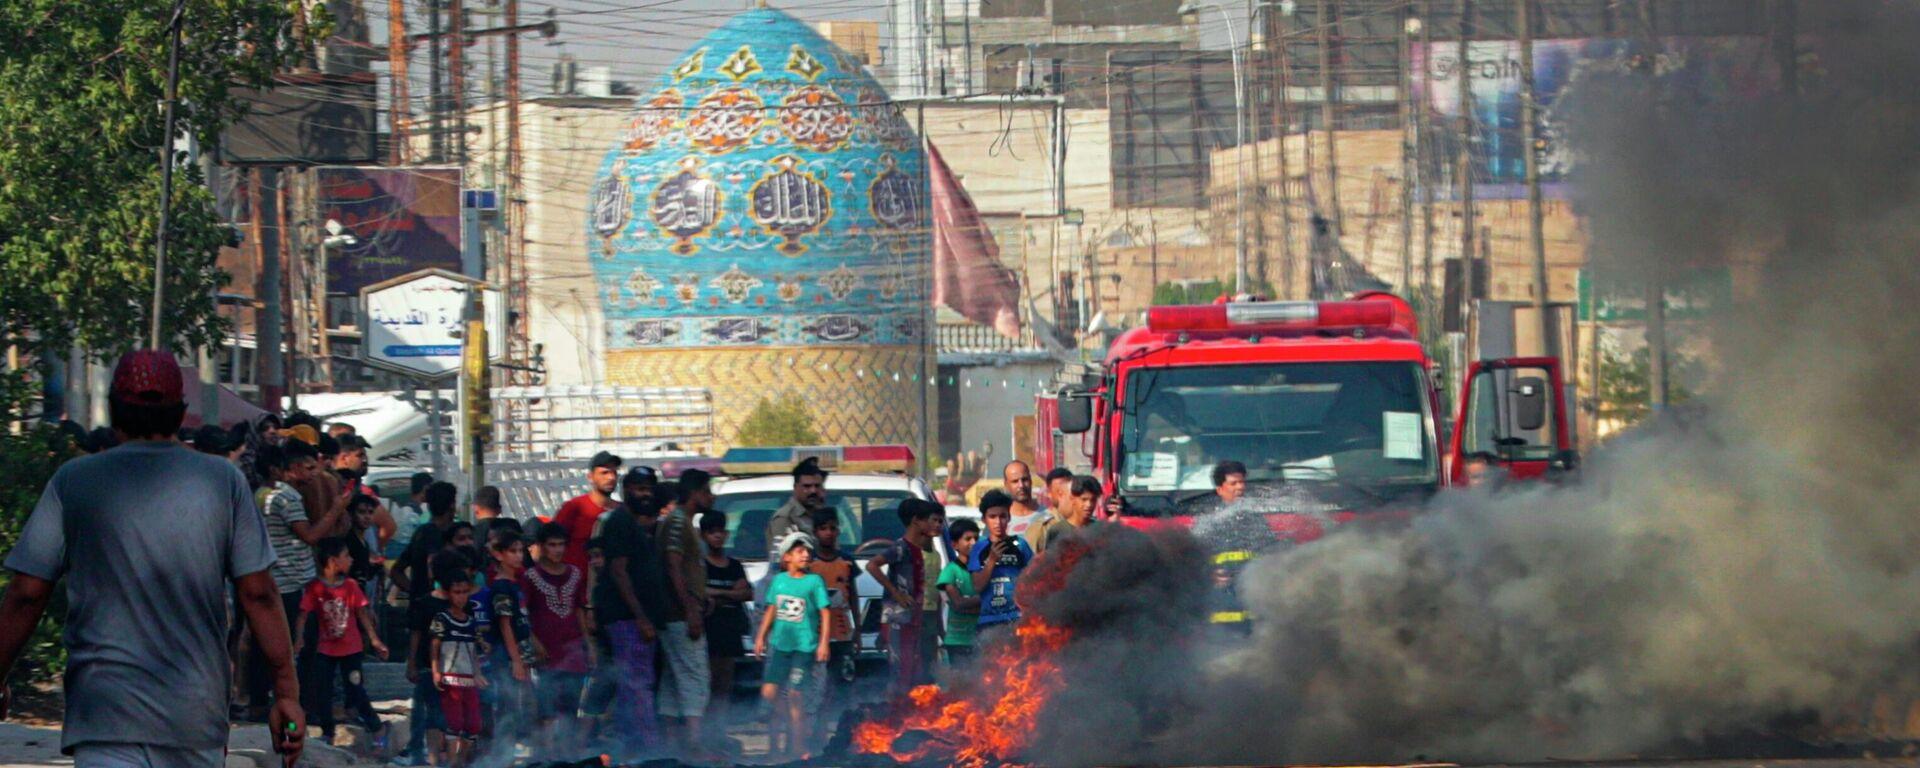 Demonstranten verbrennen Reifen im südöstlichen Stadtteil von Bagdad, Basra, aus Protest vor Energieausfall  - SNA, 1920, 02.07.2021